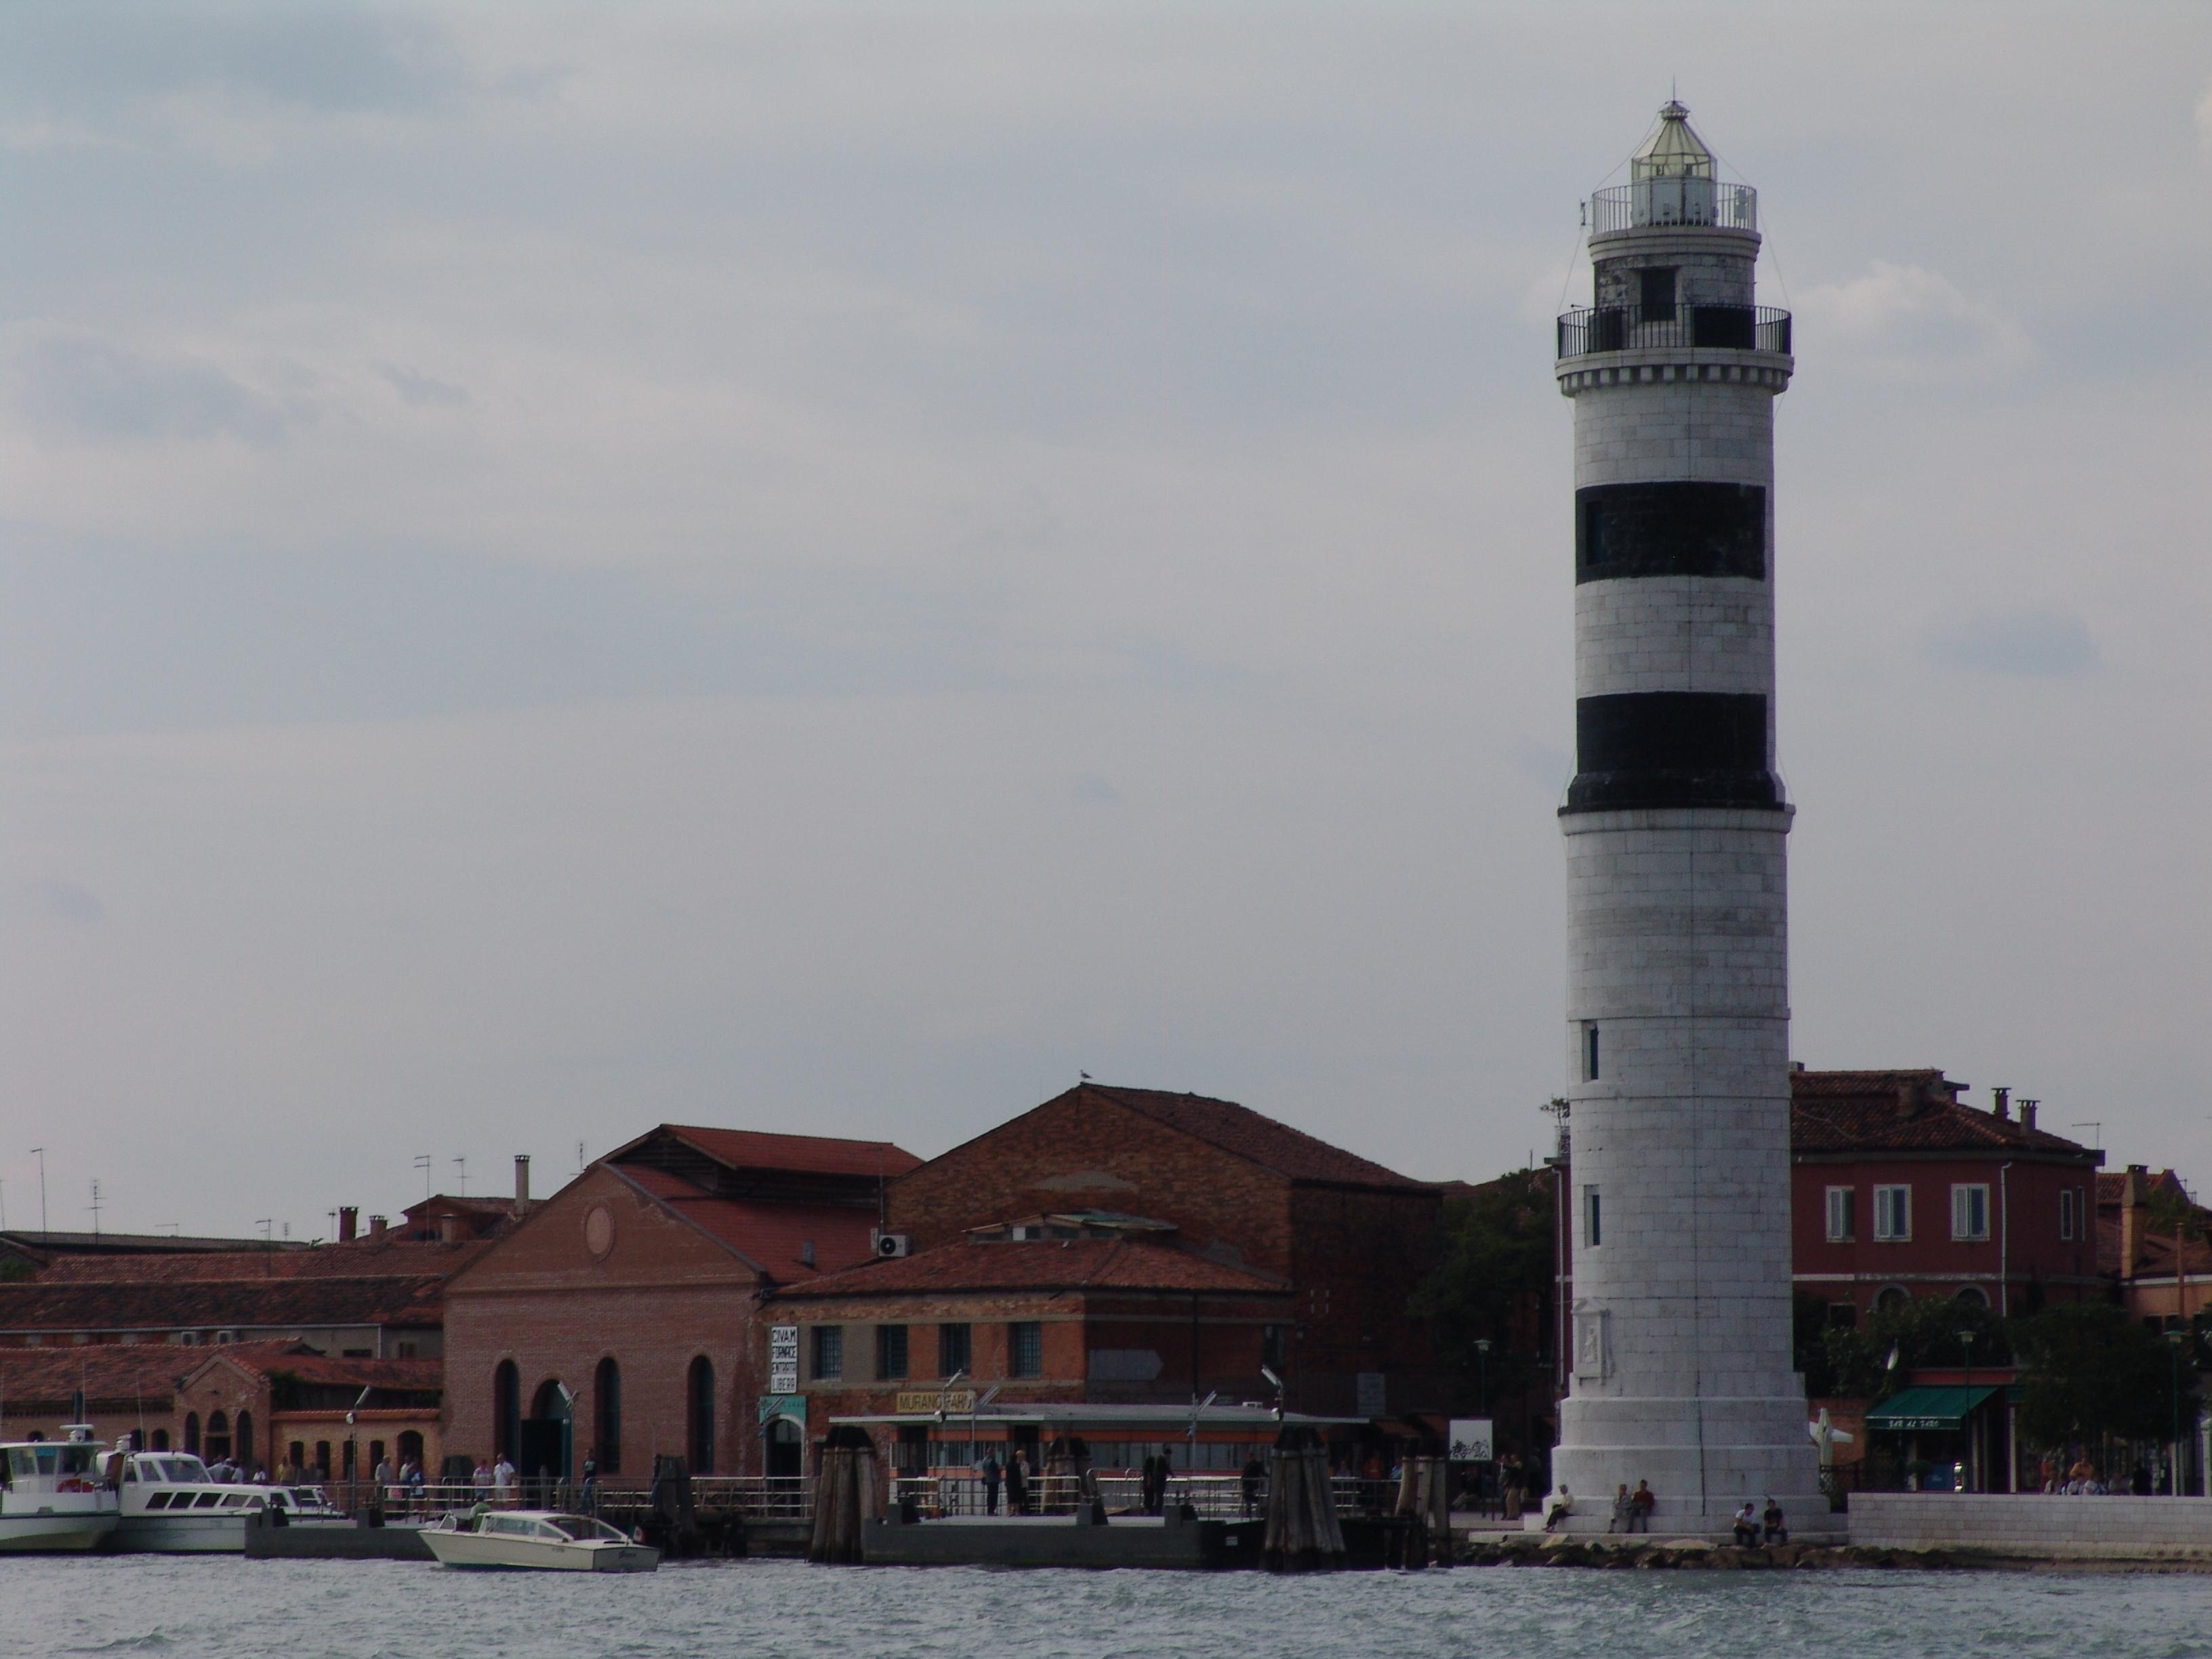 Murano, Venice (Italy)